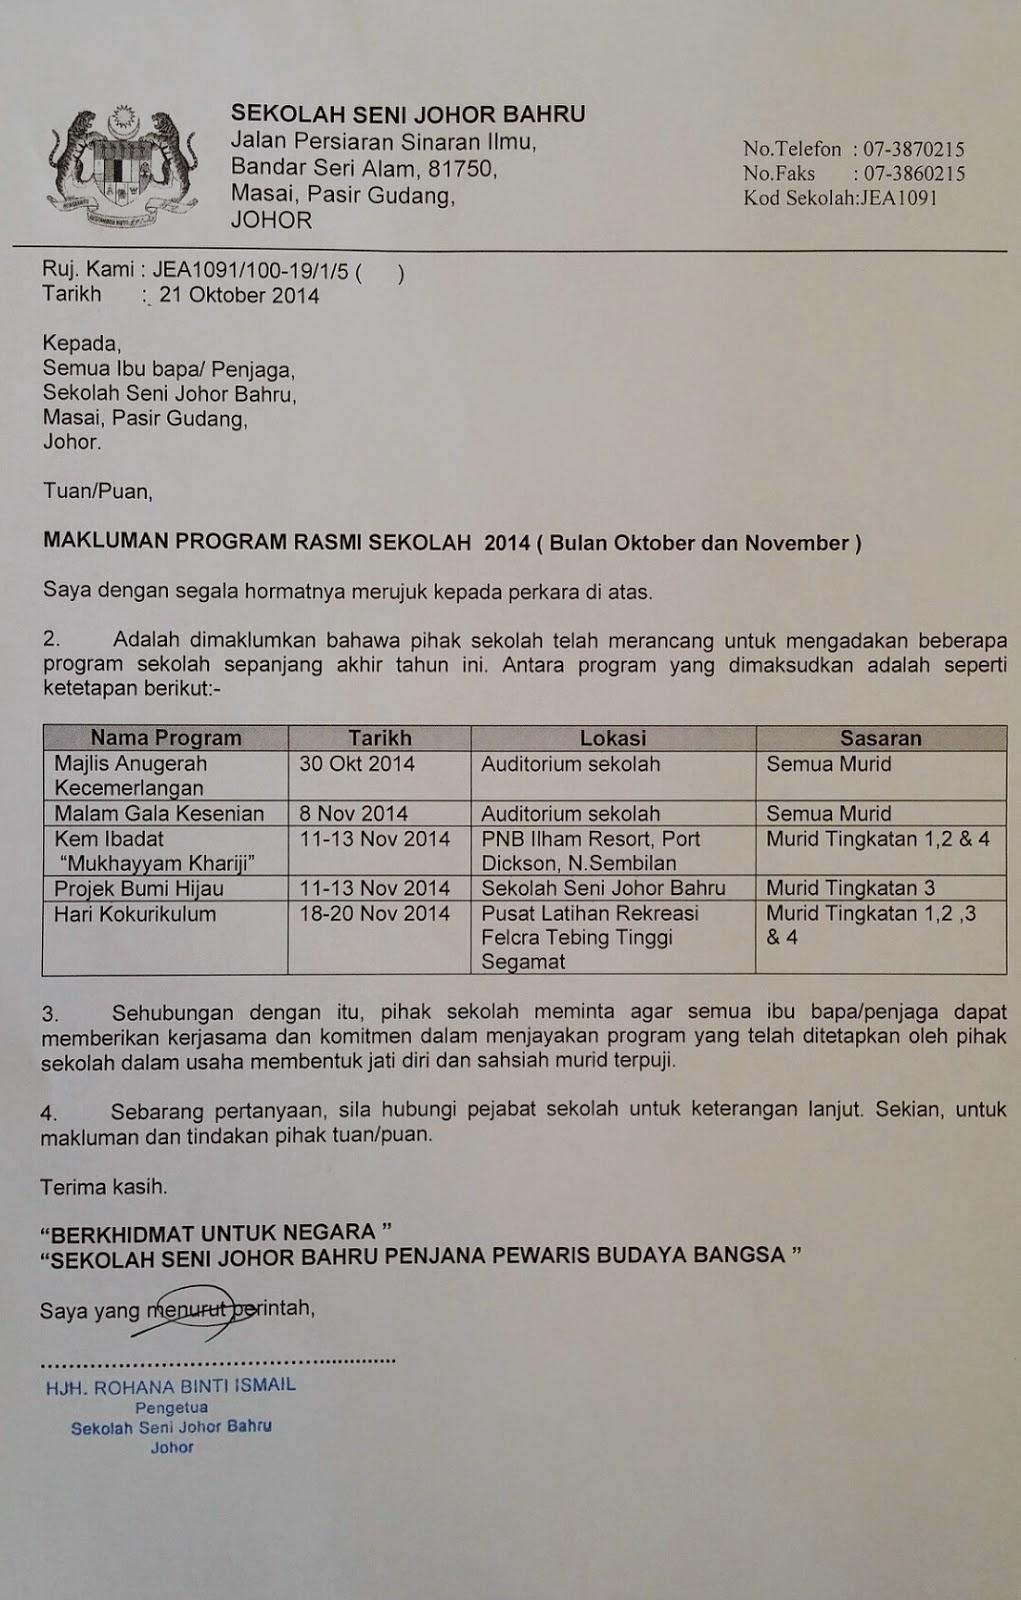 SURAT MAKLUMAN IBU BAPA BERKAITAN PROGRAM SEKOLAH 2014